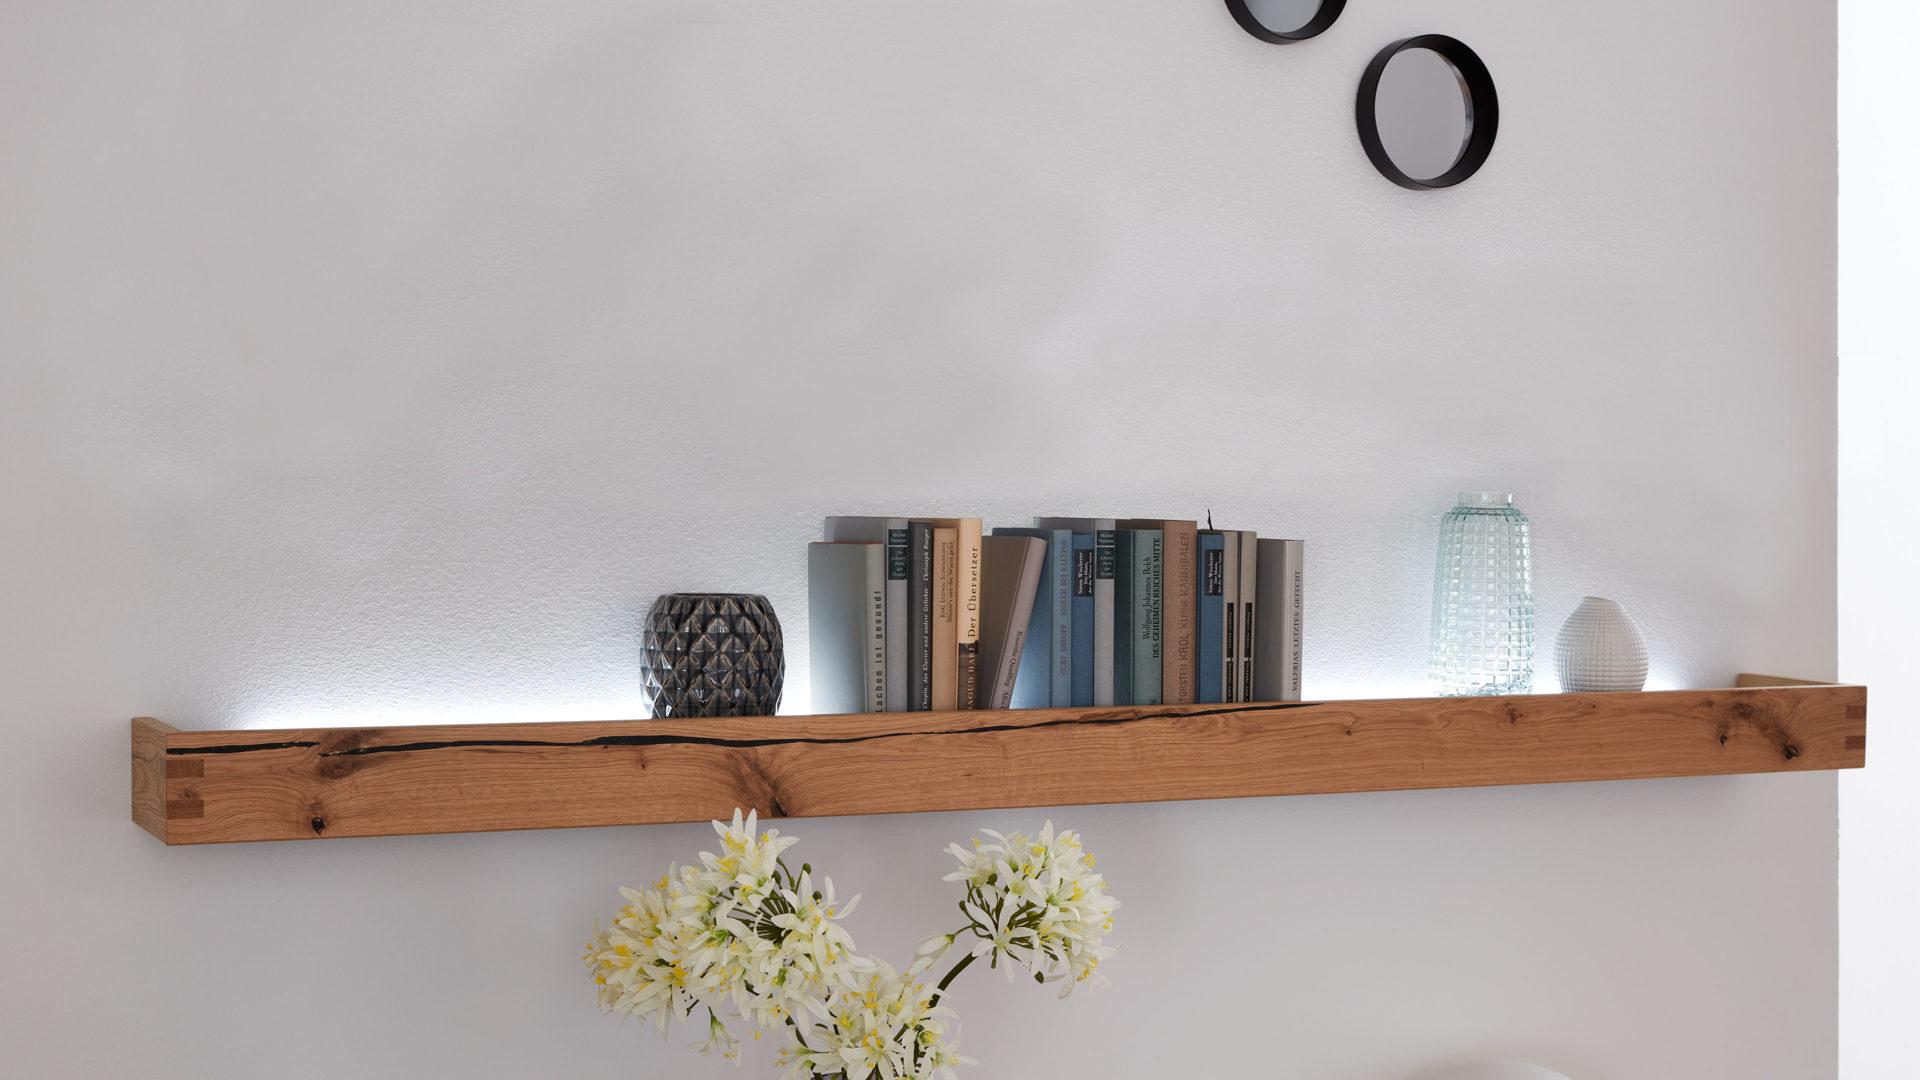 Interliving Wohnzimmer Serie 5 – Wandregal, Asteiche – Länge ca. 5 cm